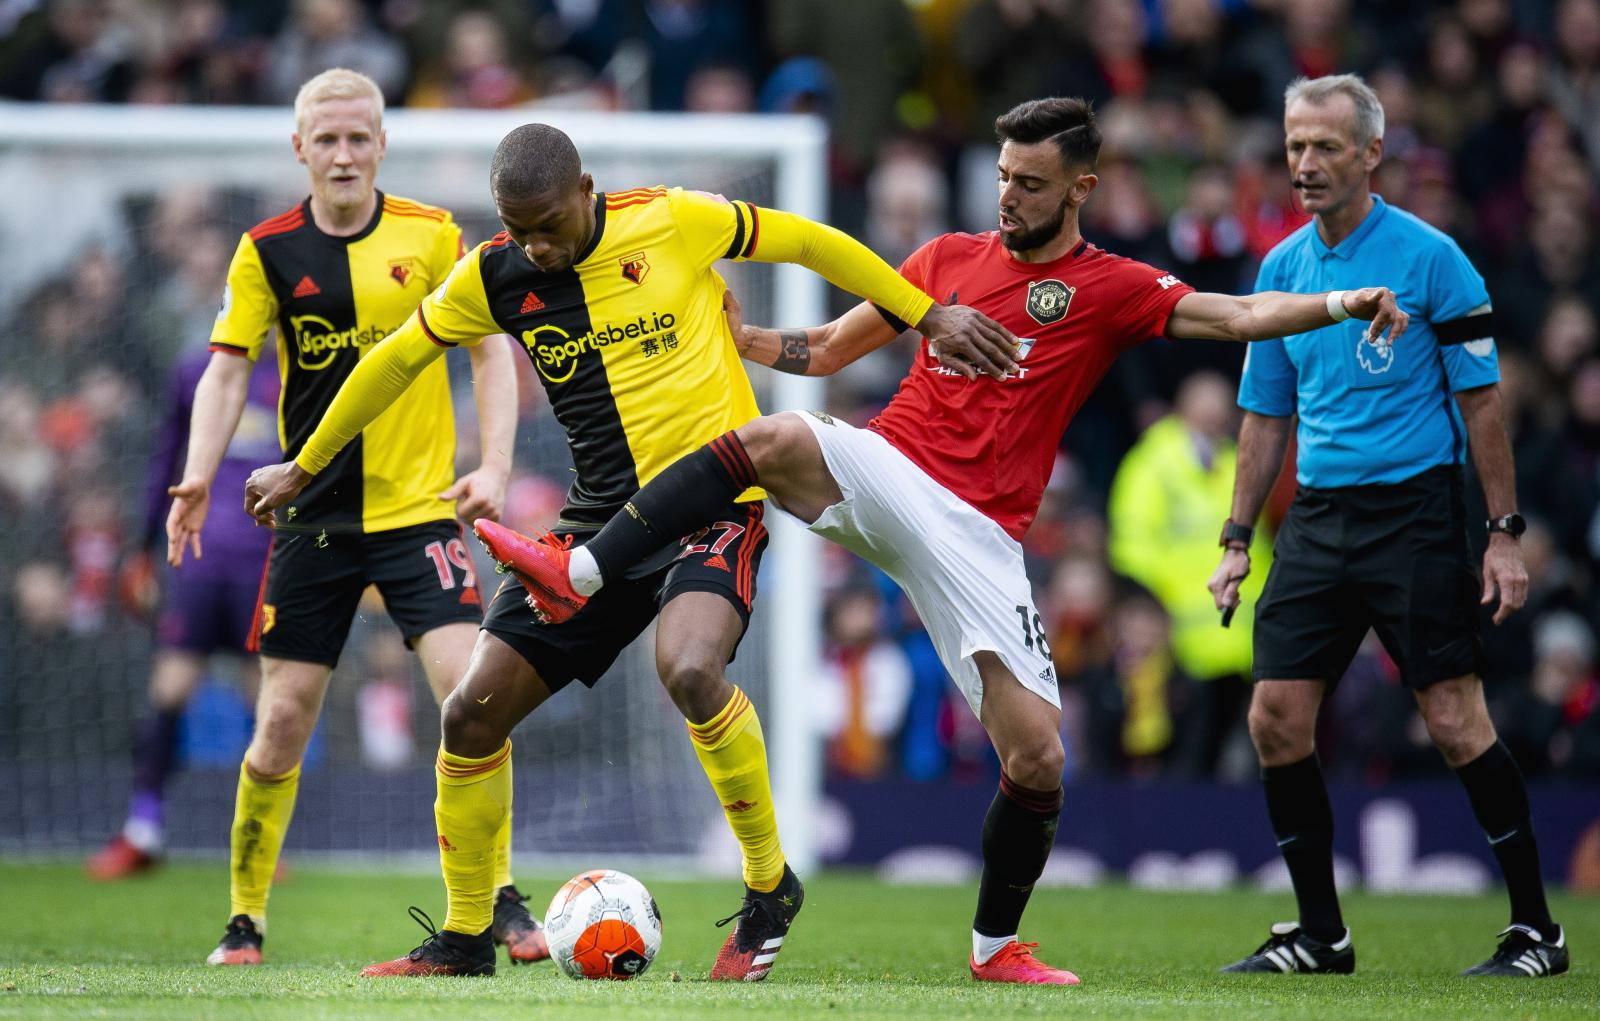 """Premier League. Manchester United - Watford FC. """"Czerwone Diabły"""" wygrywają i robią postęp - Sport WP SportoweFakty"""